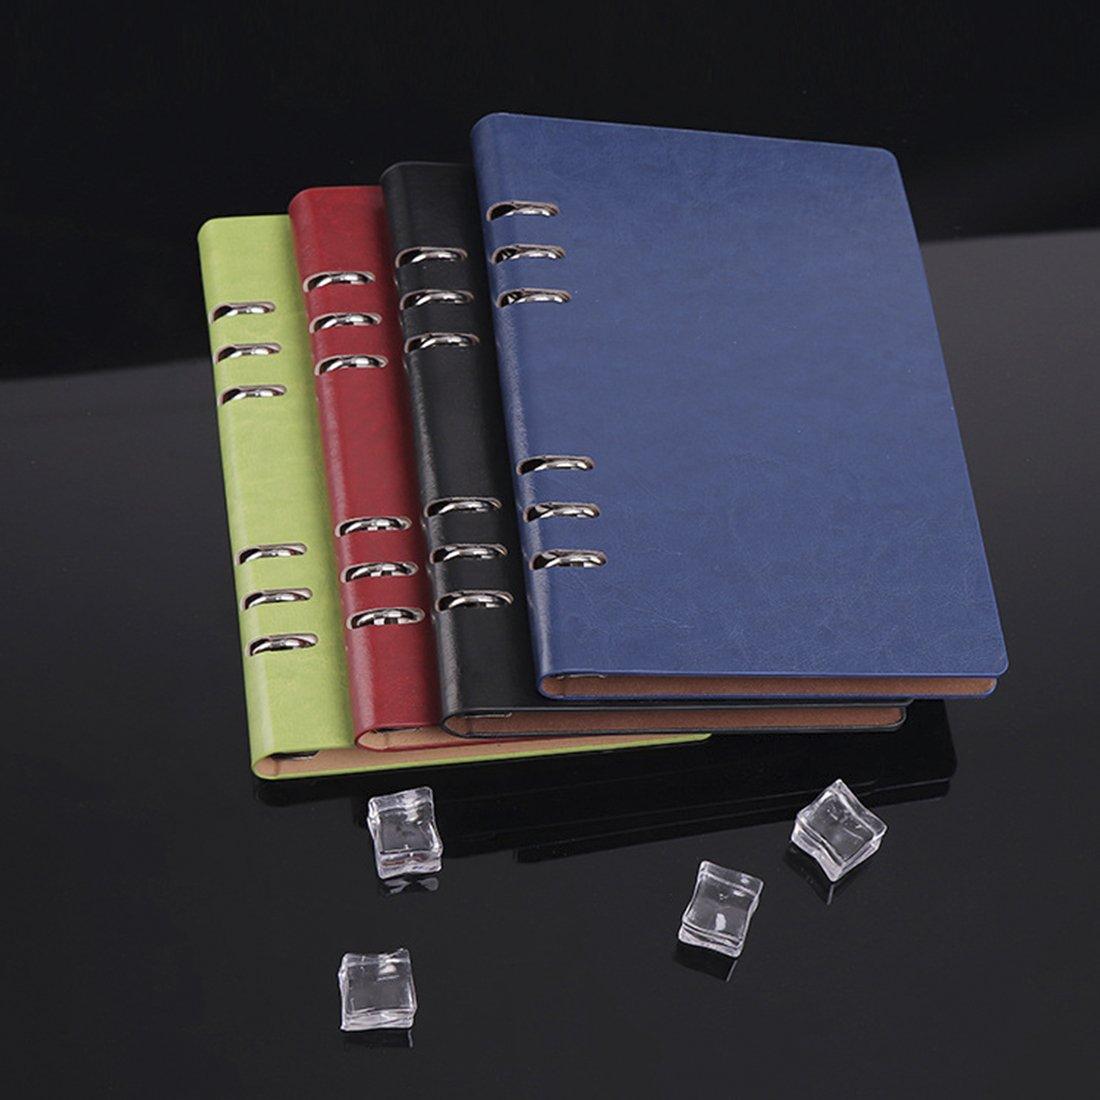 color marr/ón De tama/ño A5 de 208 x 142 mm y 80 hojas de 80 g//m/². Cuaderno de tapa dura DIFLY